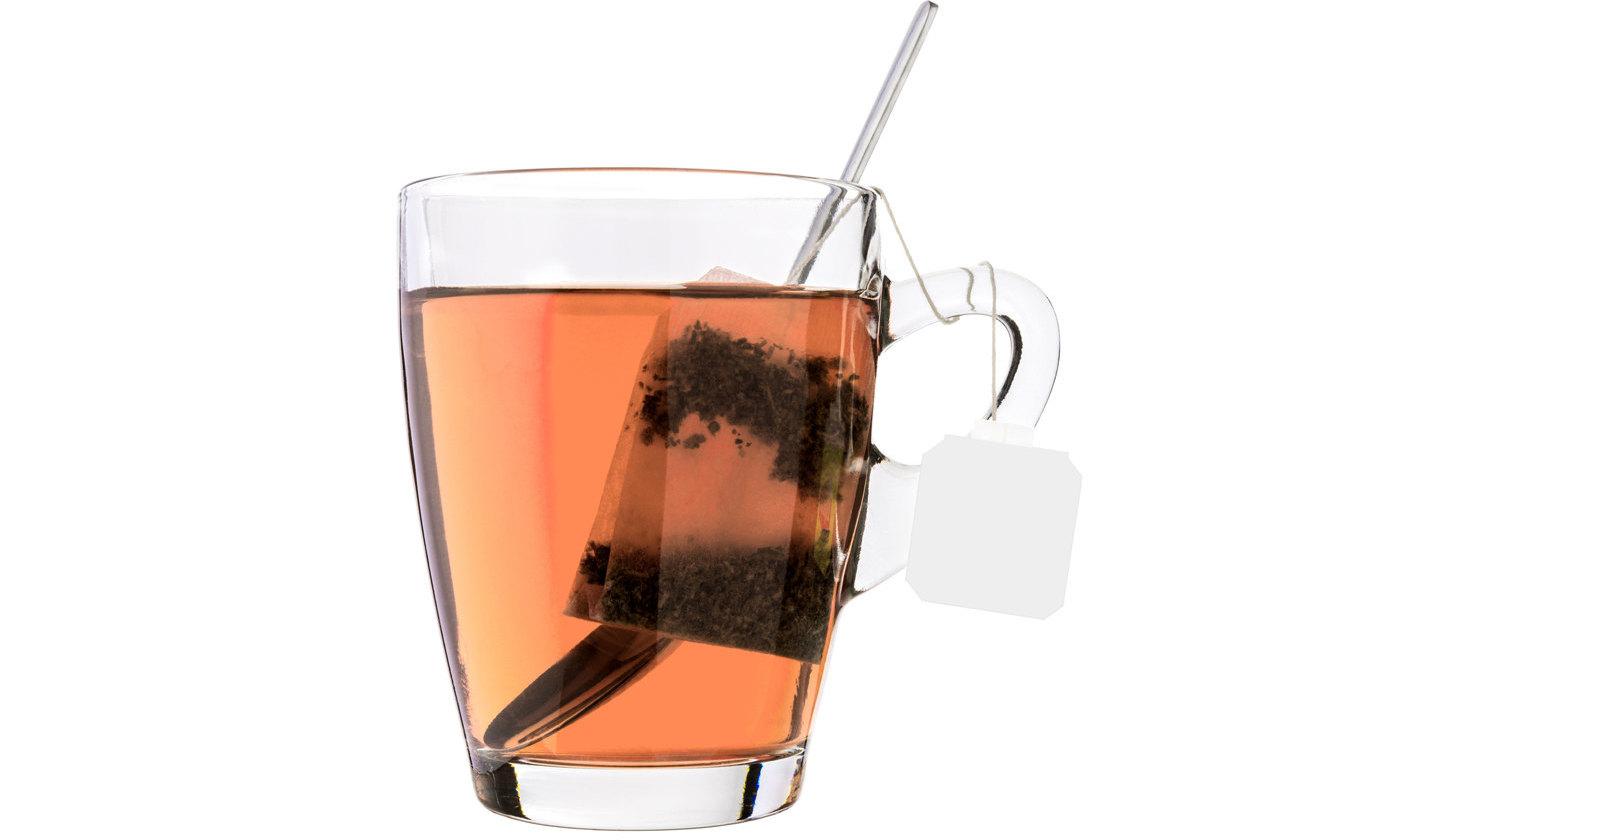 Пакетики чая признали опасными для человека